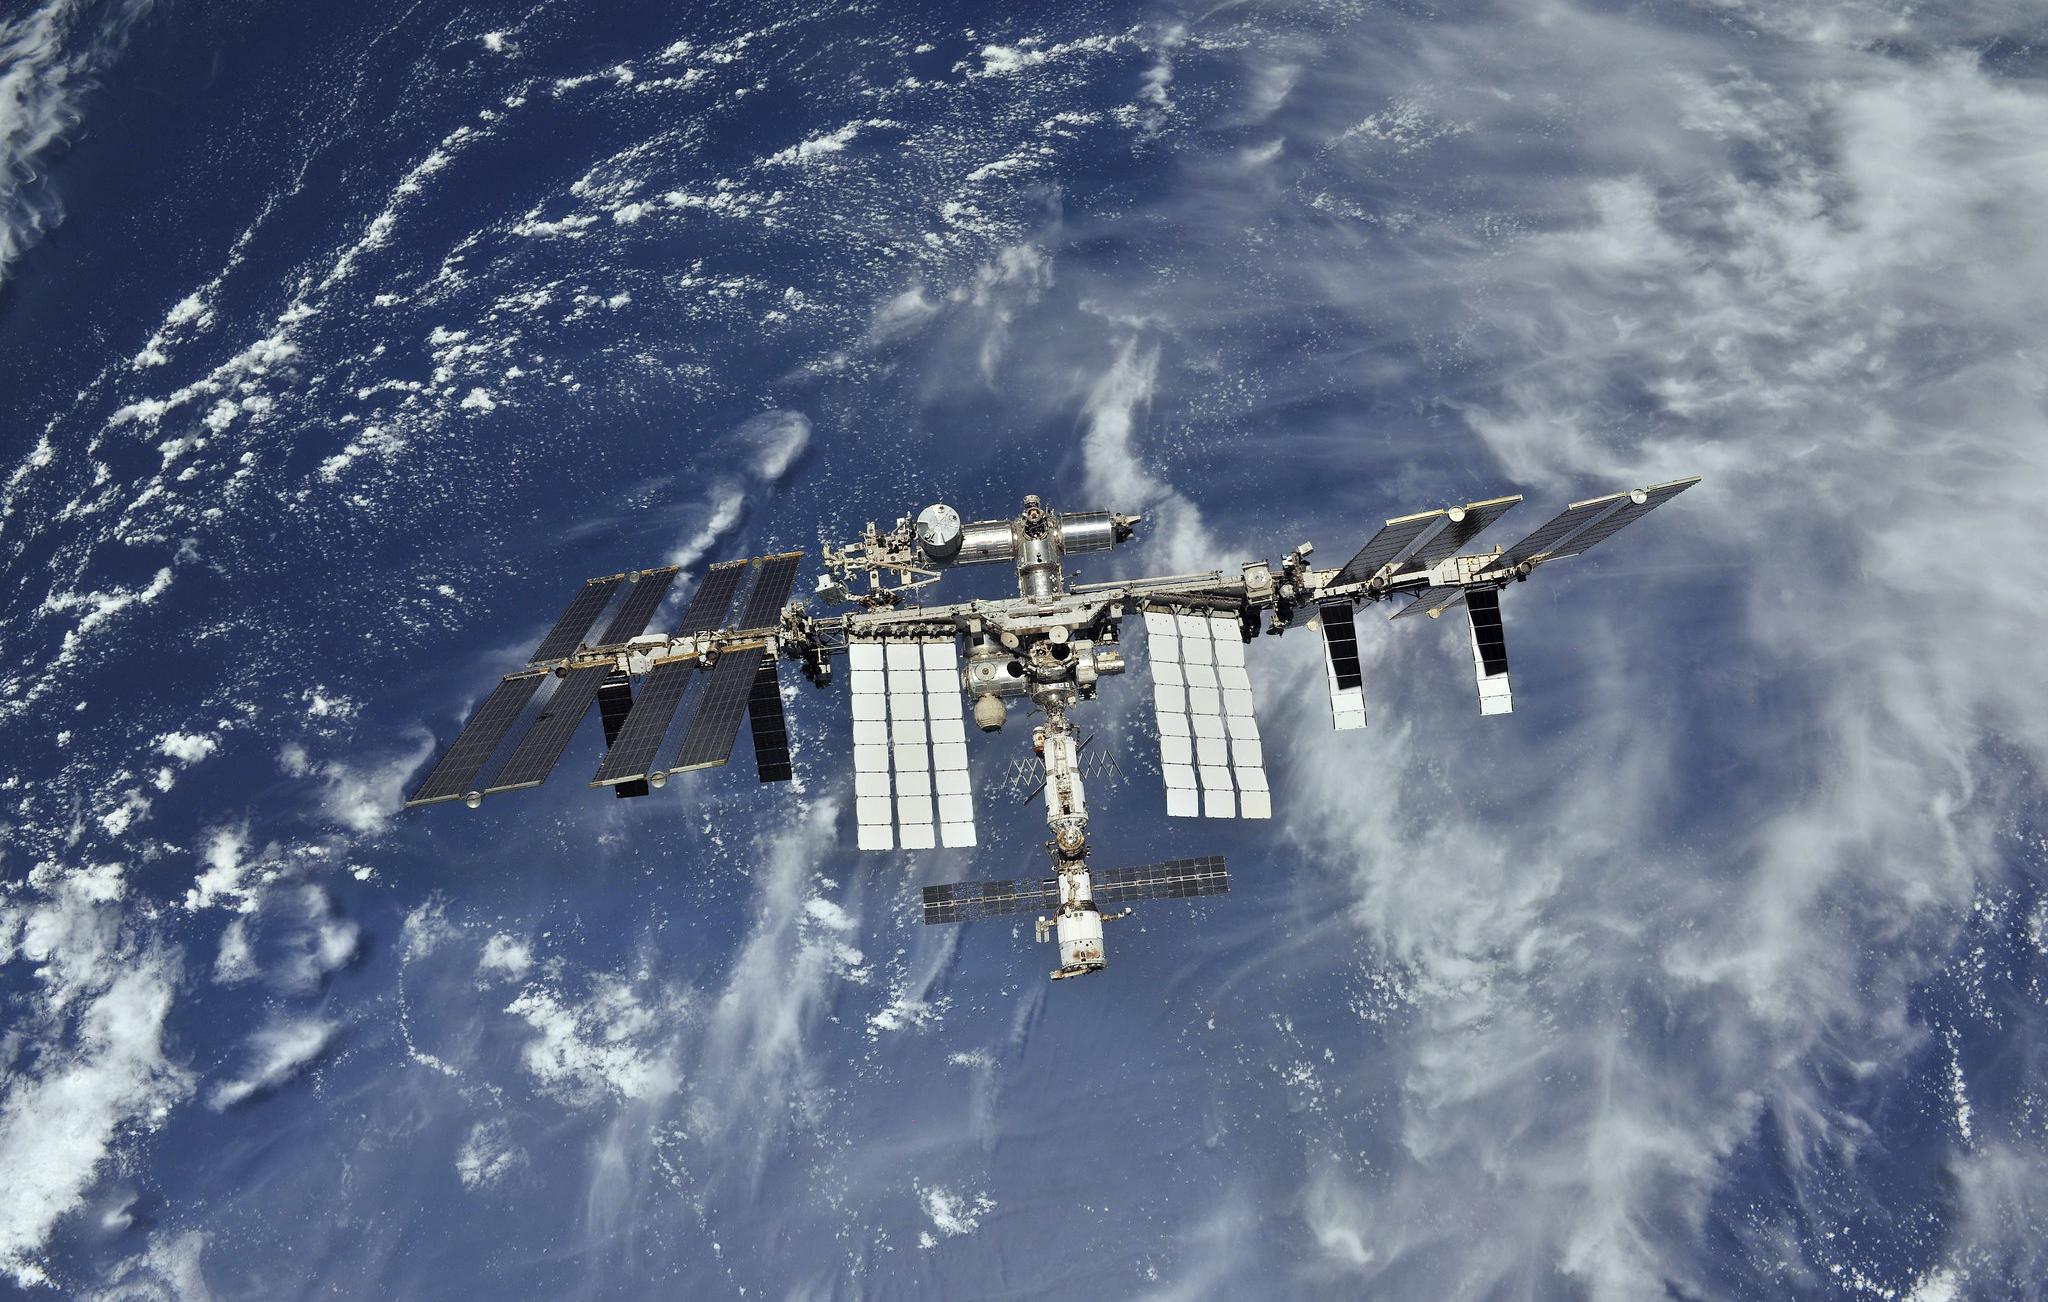 Os riscos das viagens espaciais à saúde - Olhar Digital